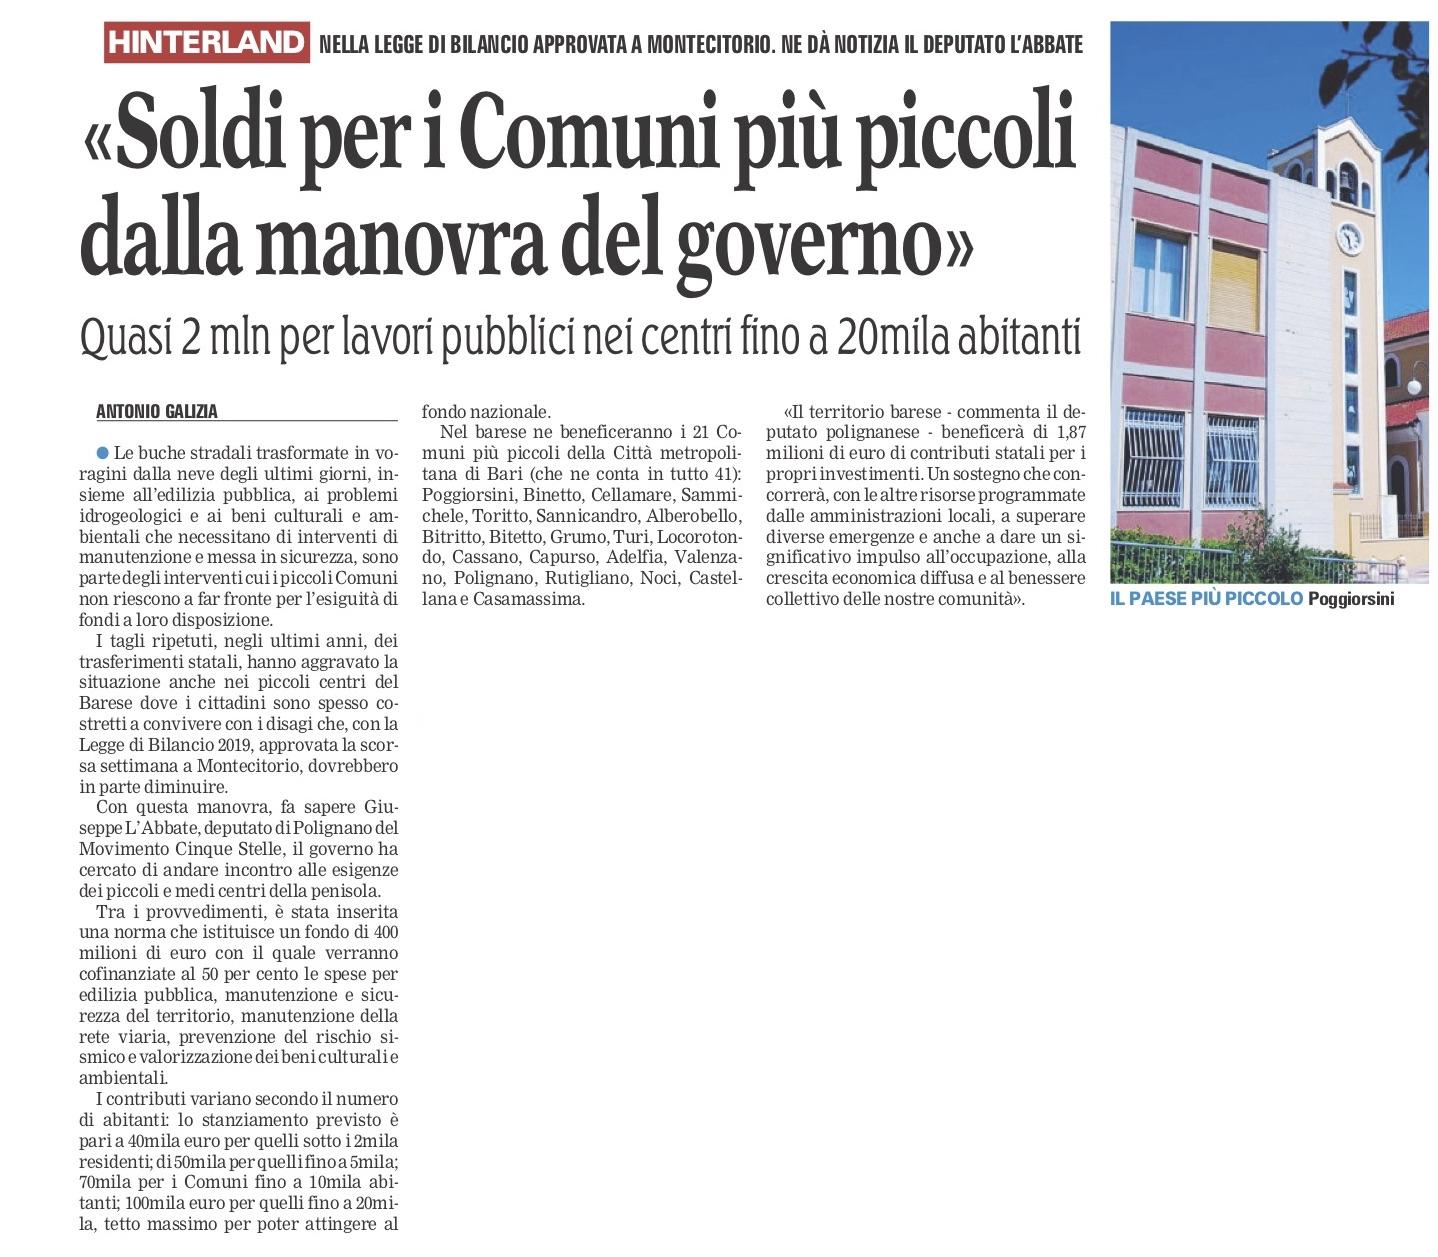 La Gazzetta del Mezzogiorno - 06.01.2019